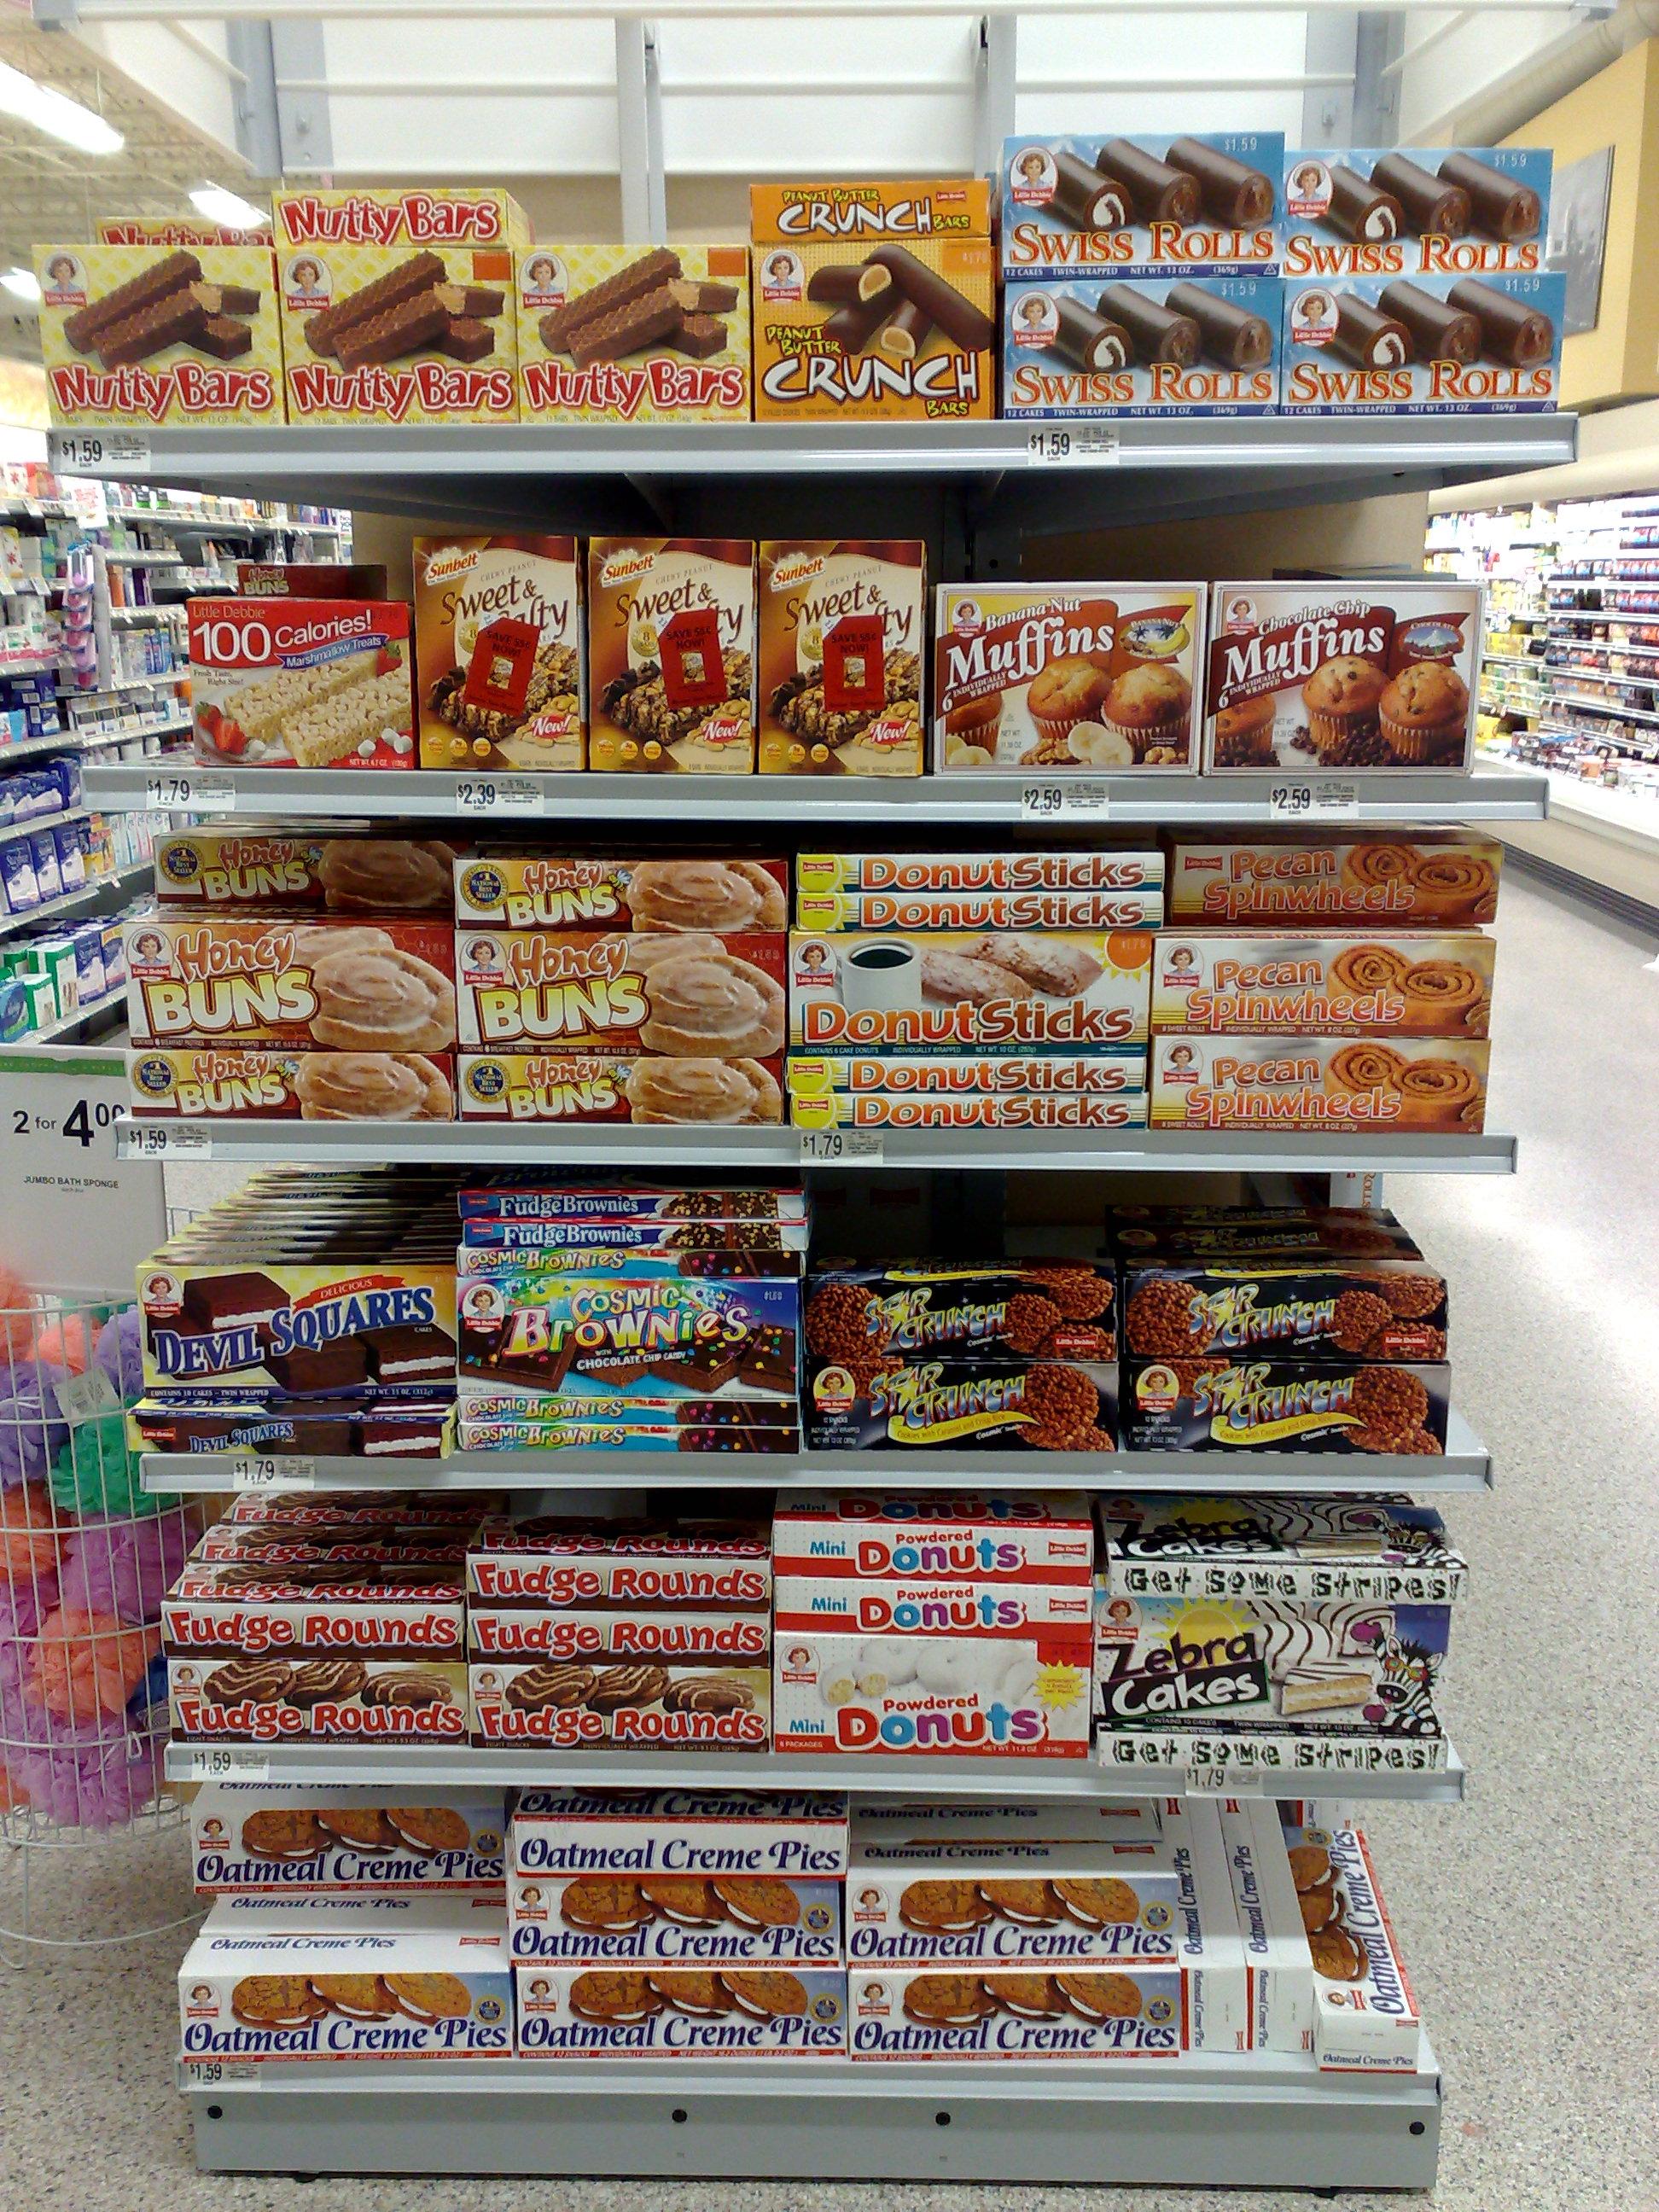 A shelf in a super market